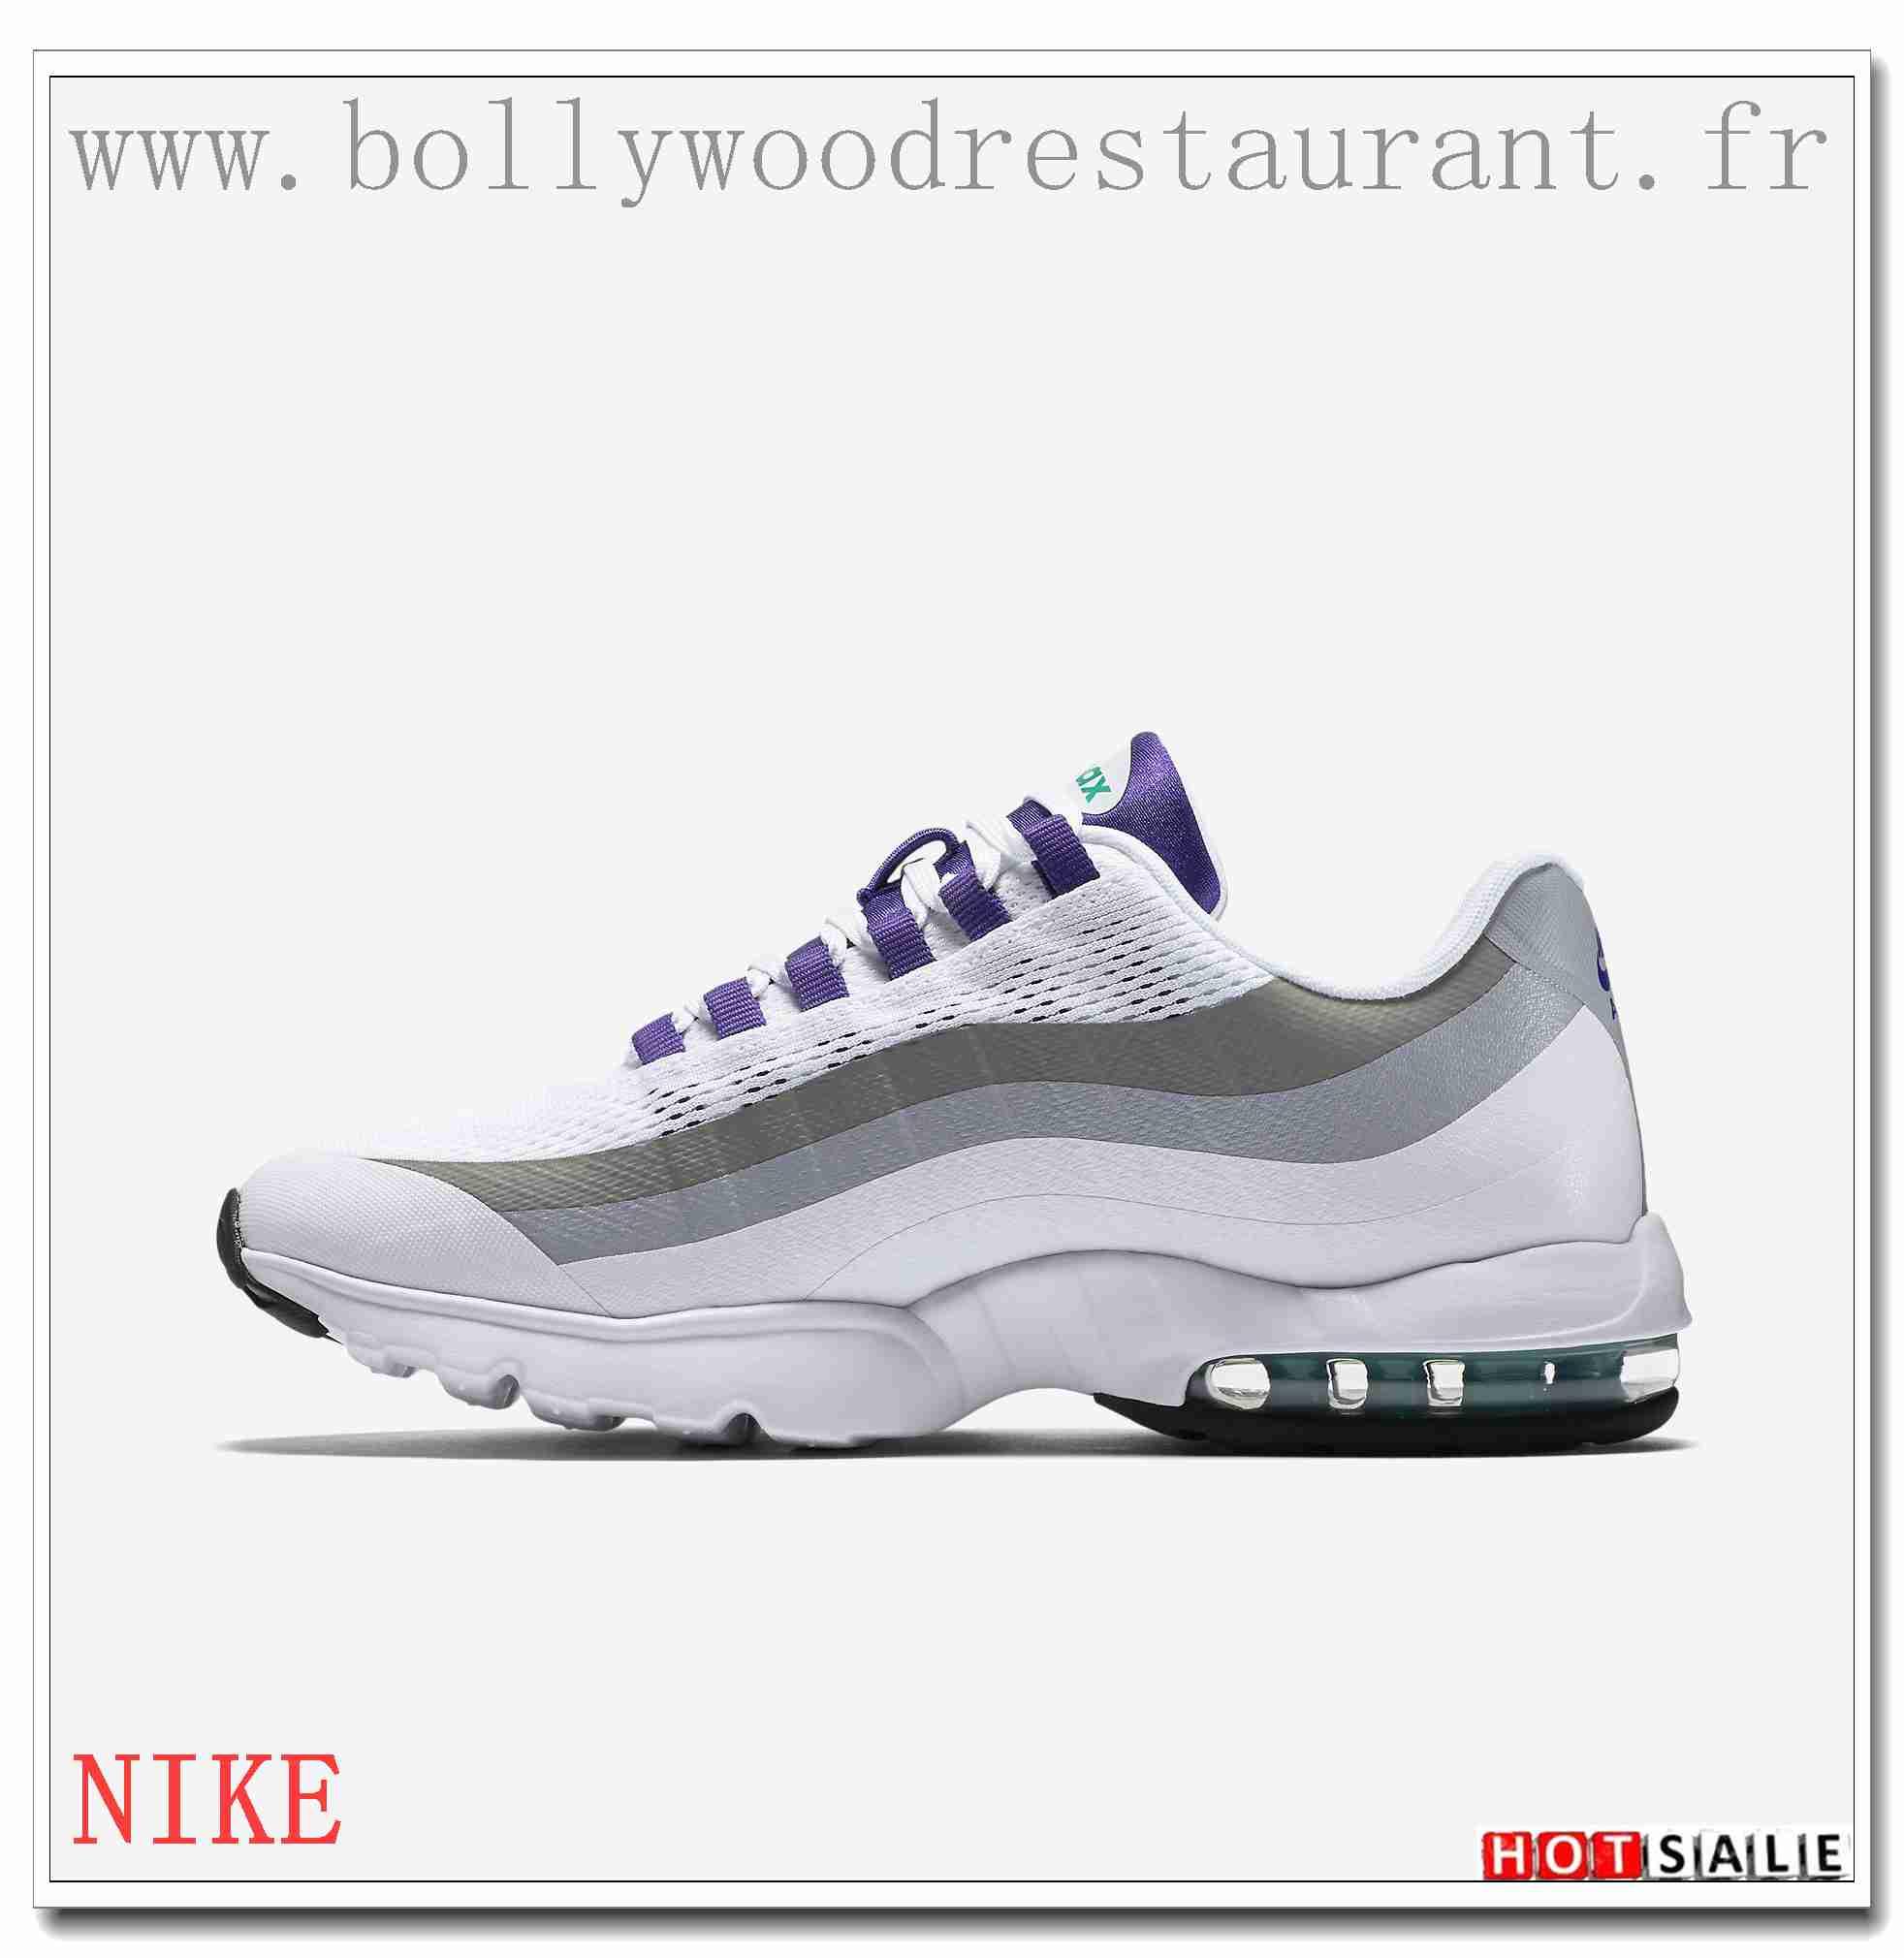 quality design 102d4 f70bd SI1024 Traitement antimicrobien 2018 Nouveau style Nike Air Max 95 - Femme  Chaussures - Promotions Vente - H.K.Y. 533 - Taille   36~39